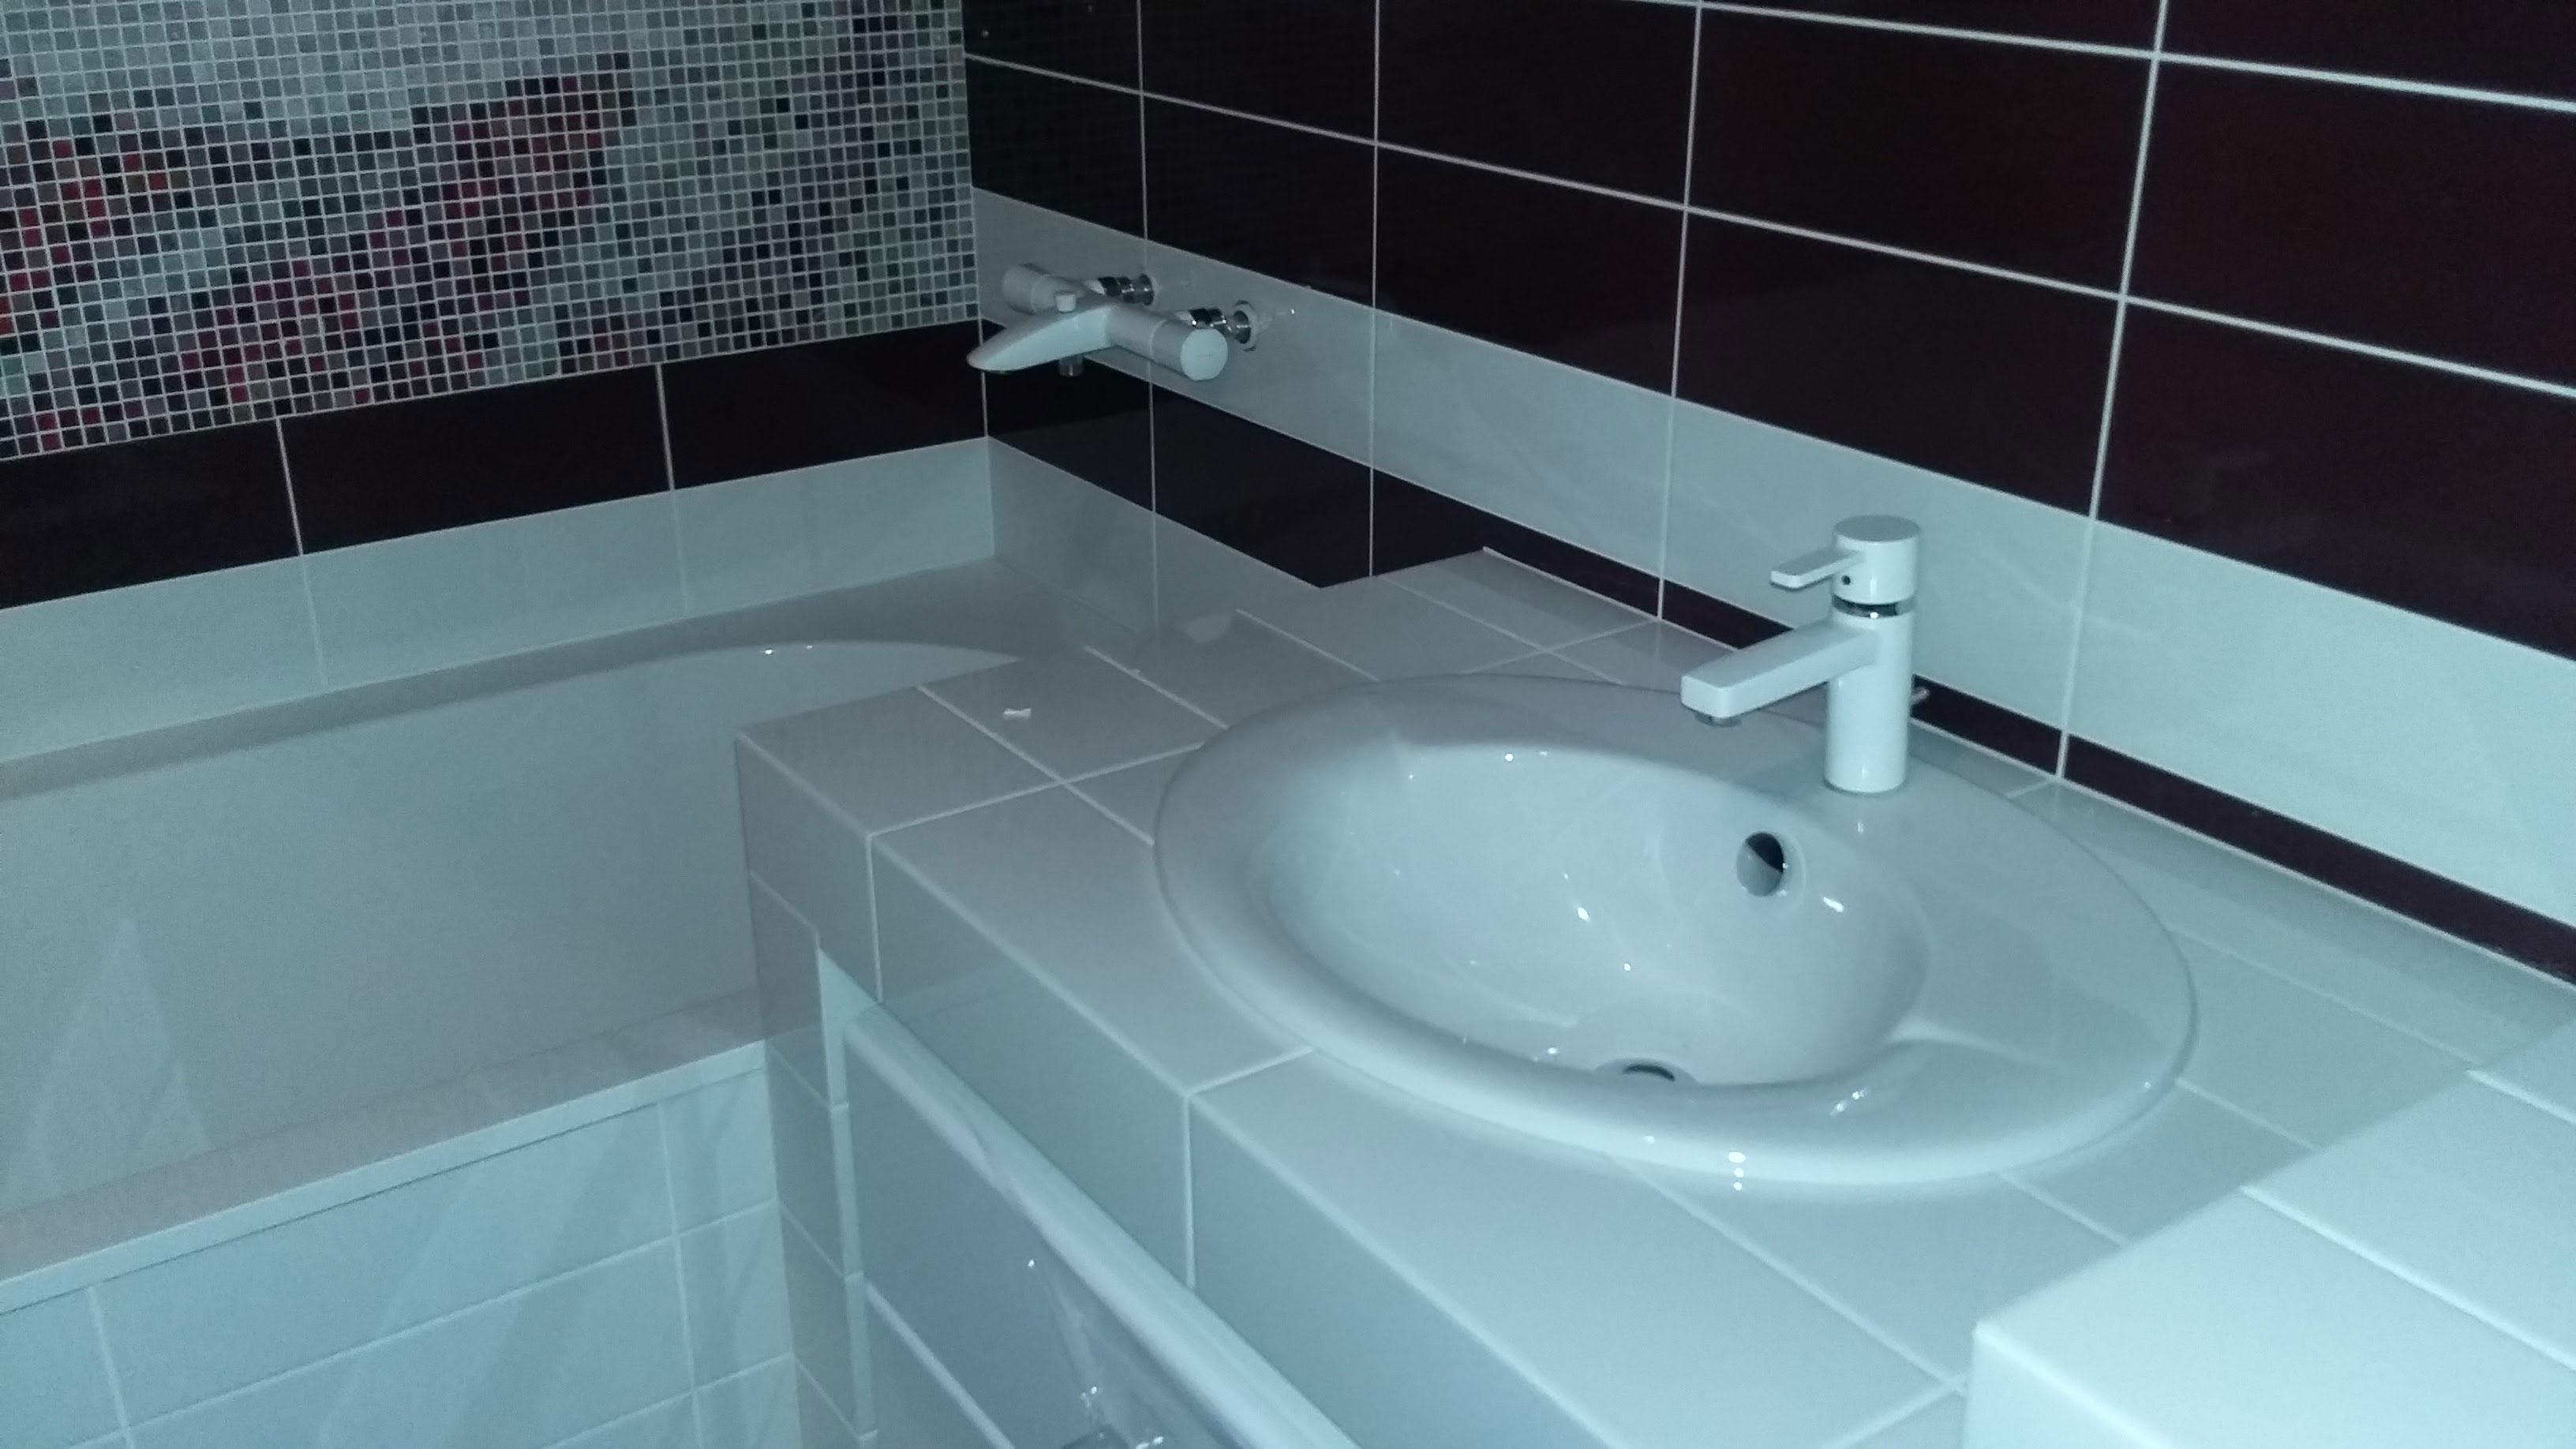 Липецк ванные комнаты купить дешевую кухонную мойку